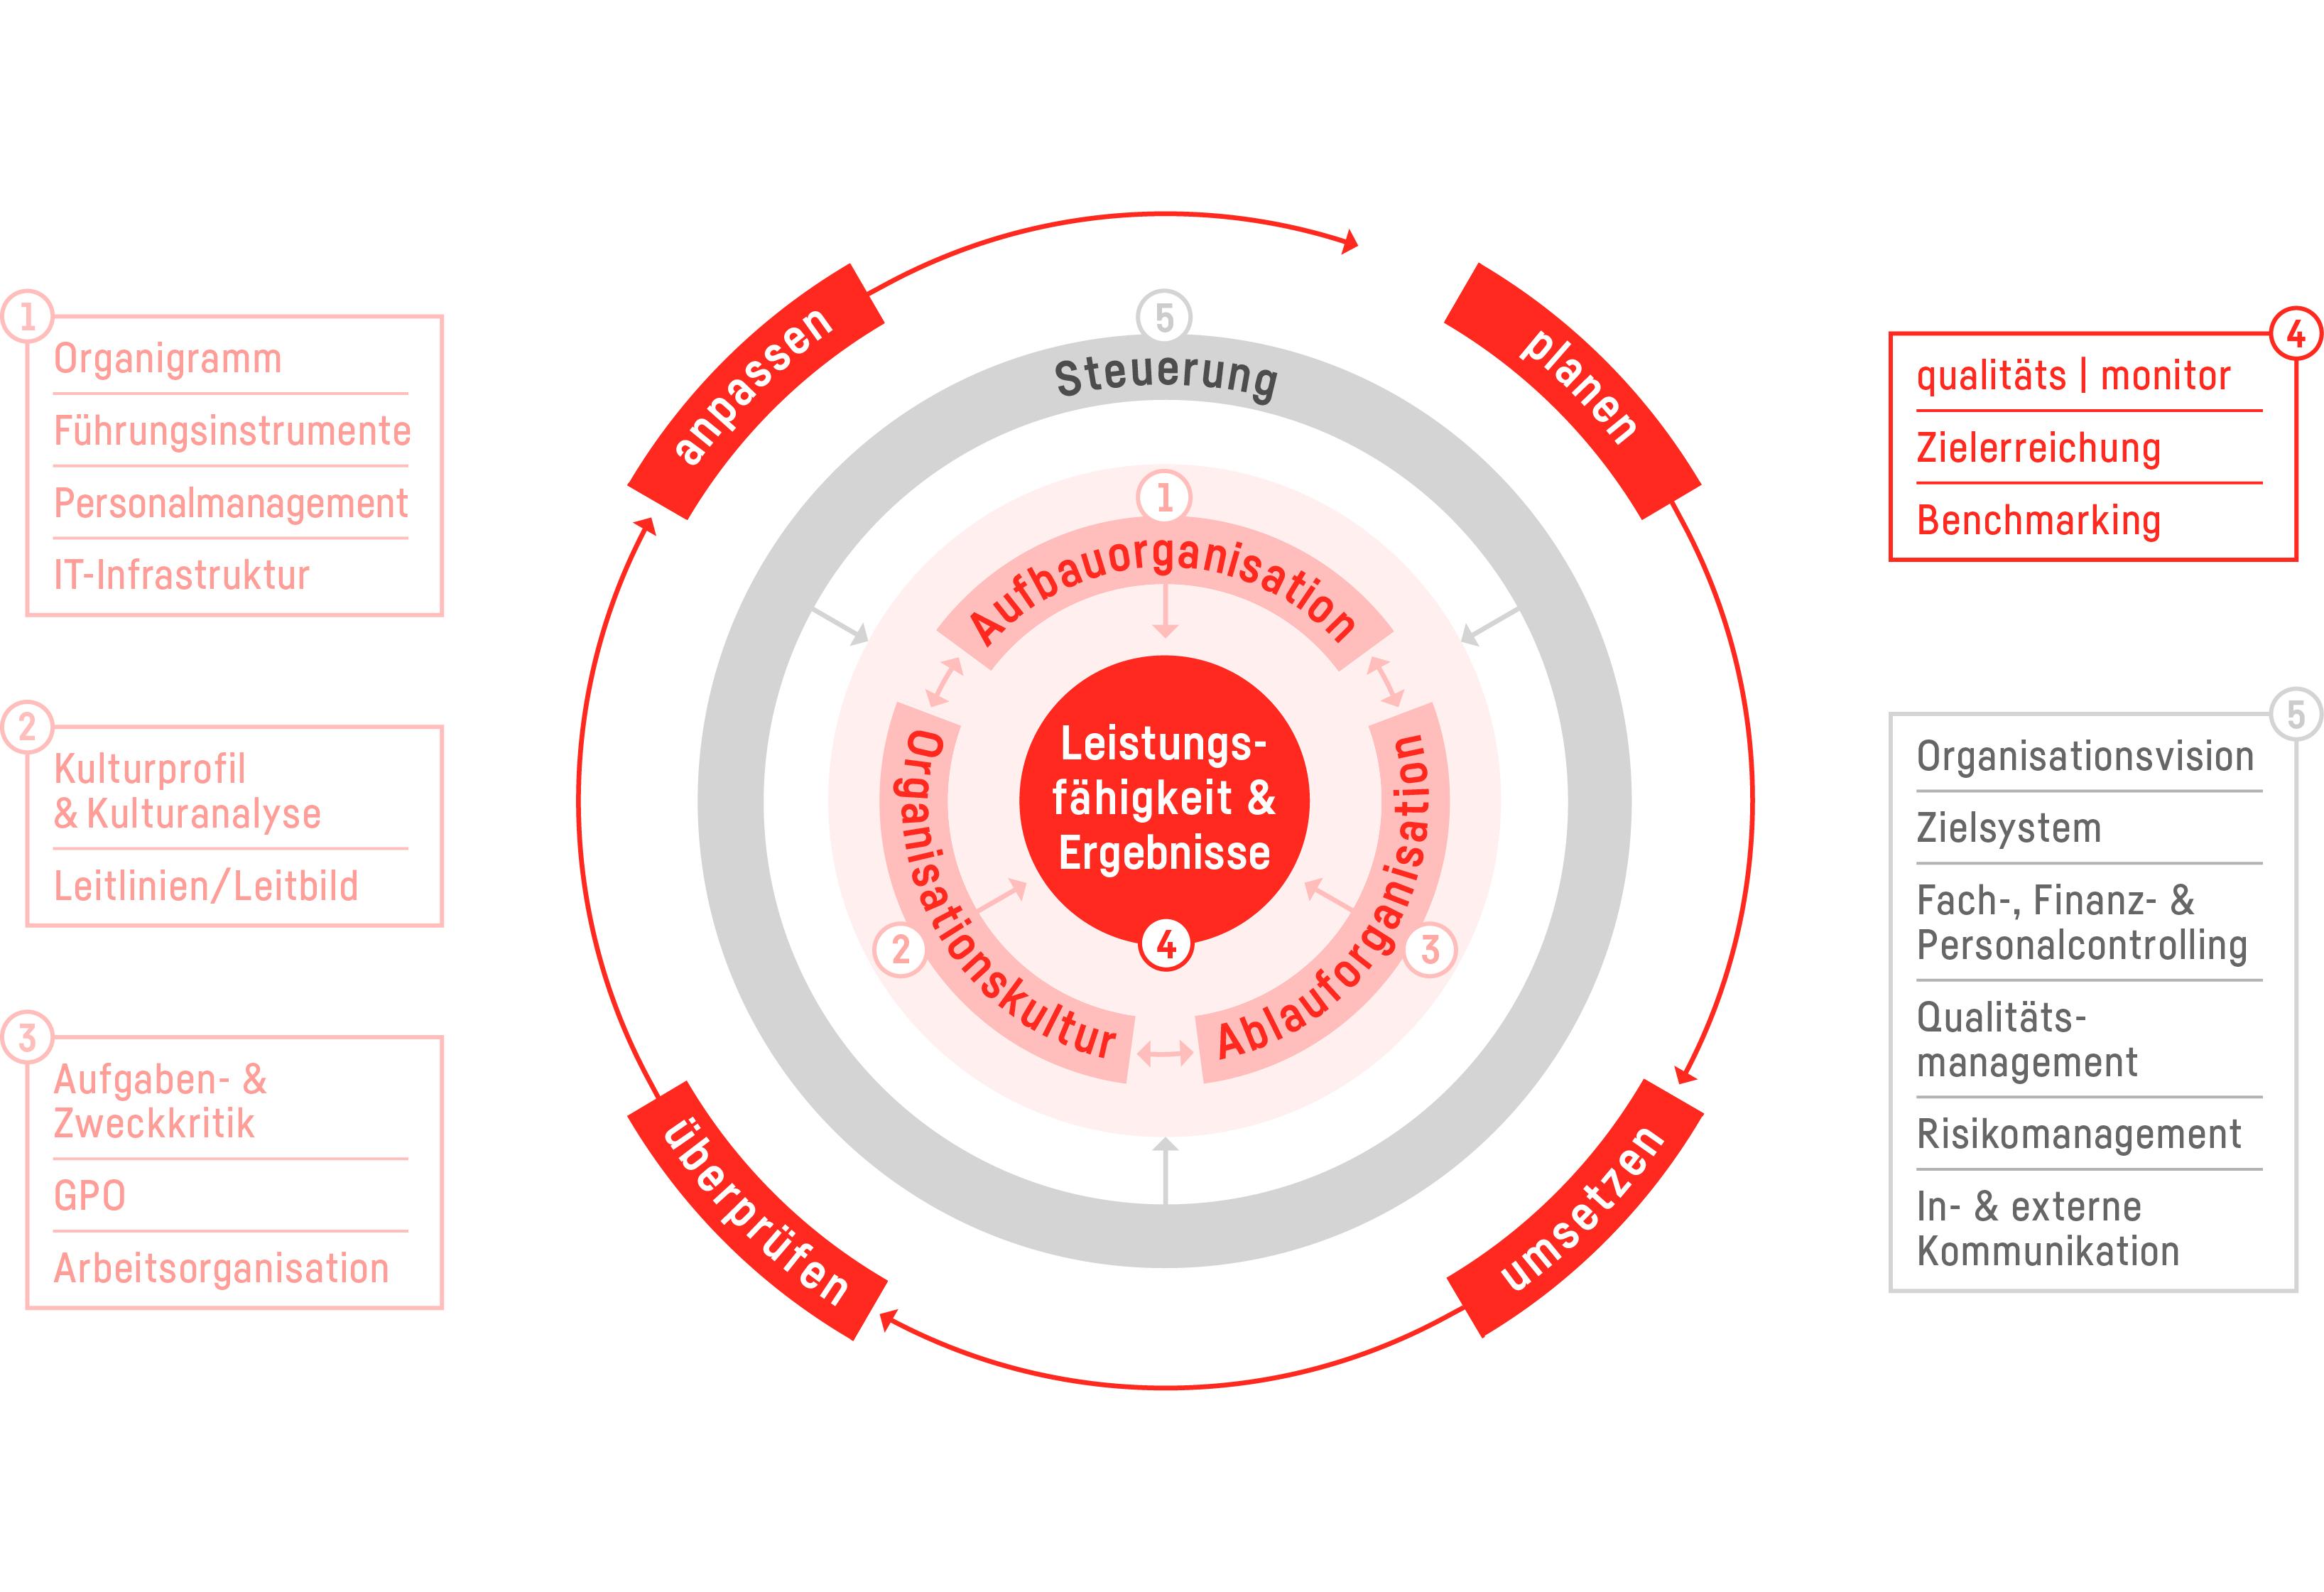 Unser Organisationsverständnis mit Produkten und Leistungen